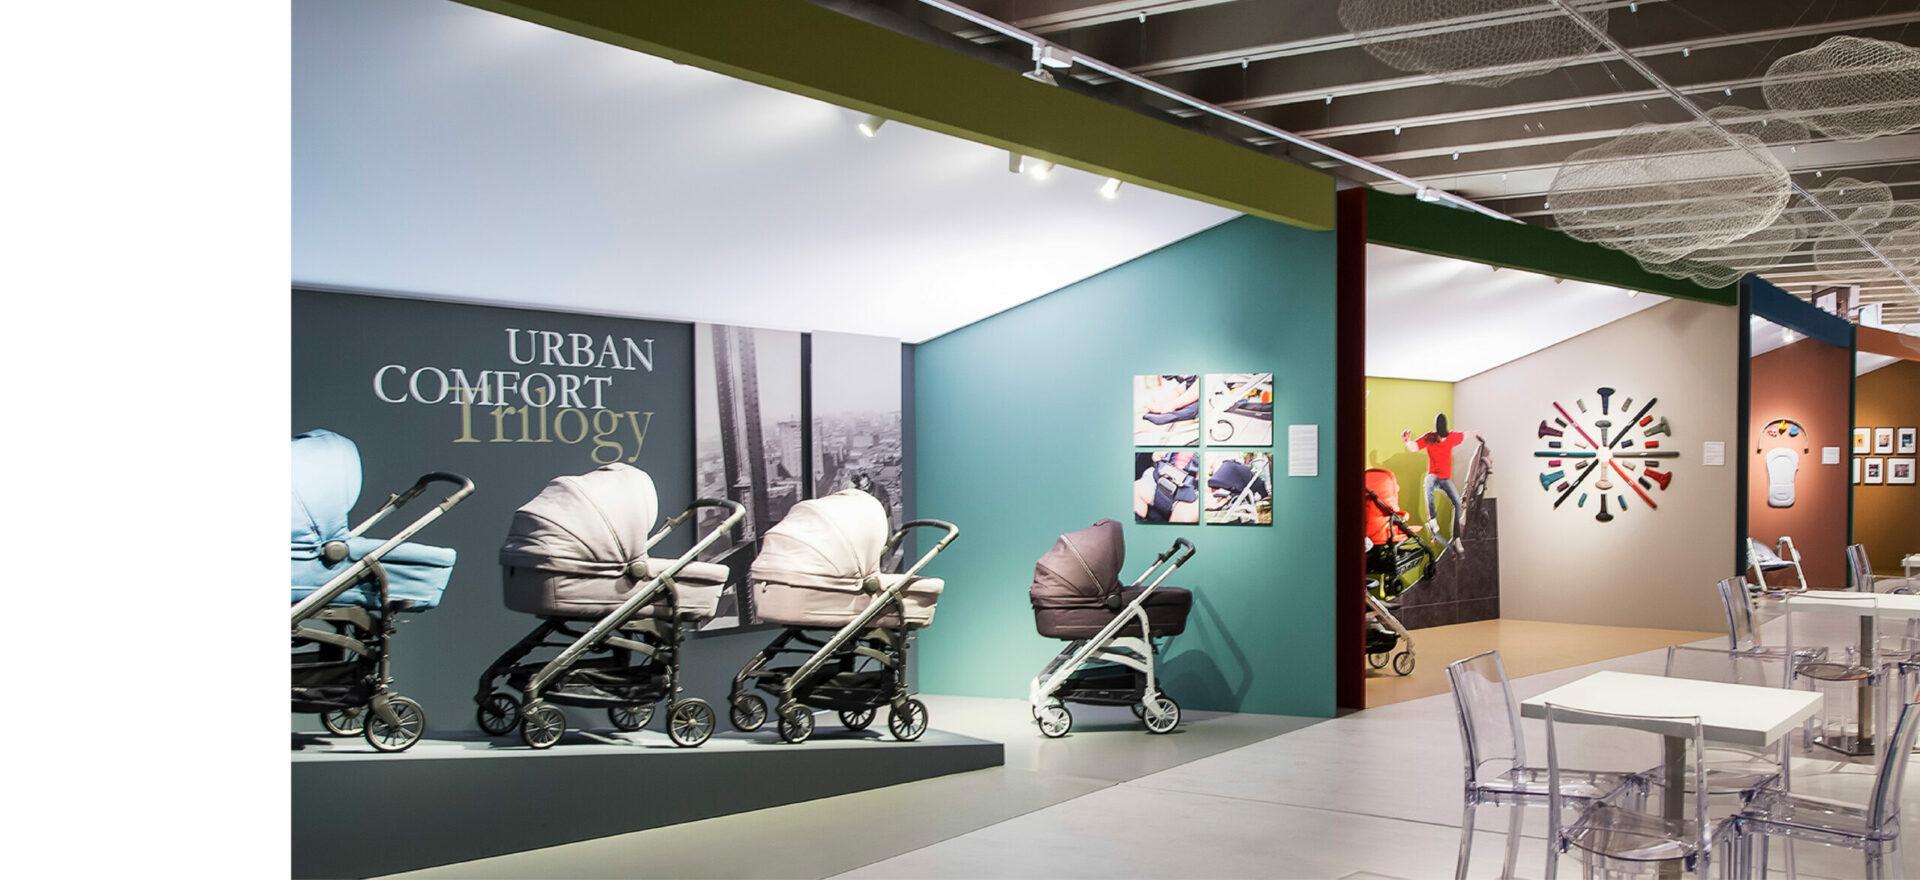 Retail | Exhibition Design | Branding | Inglesina | Mario Trimarchi Design | Fragile